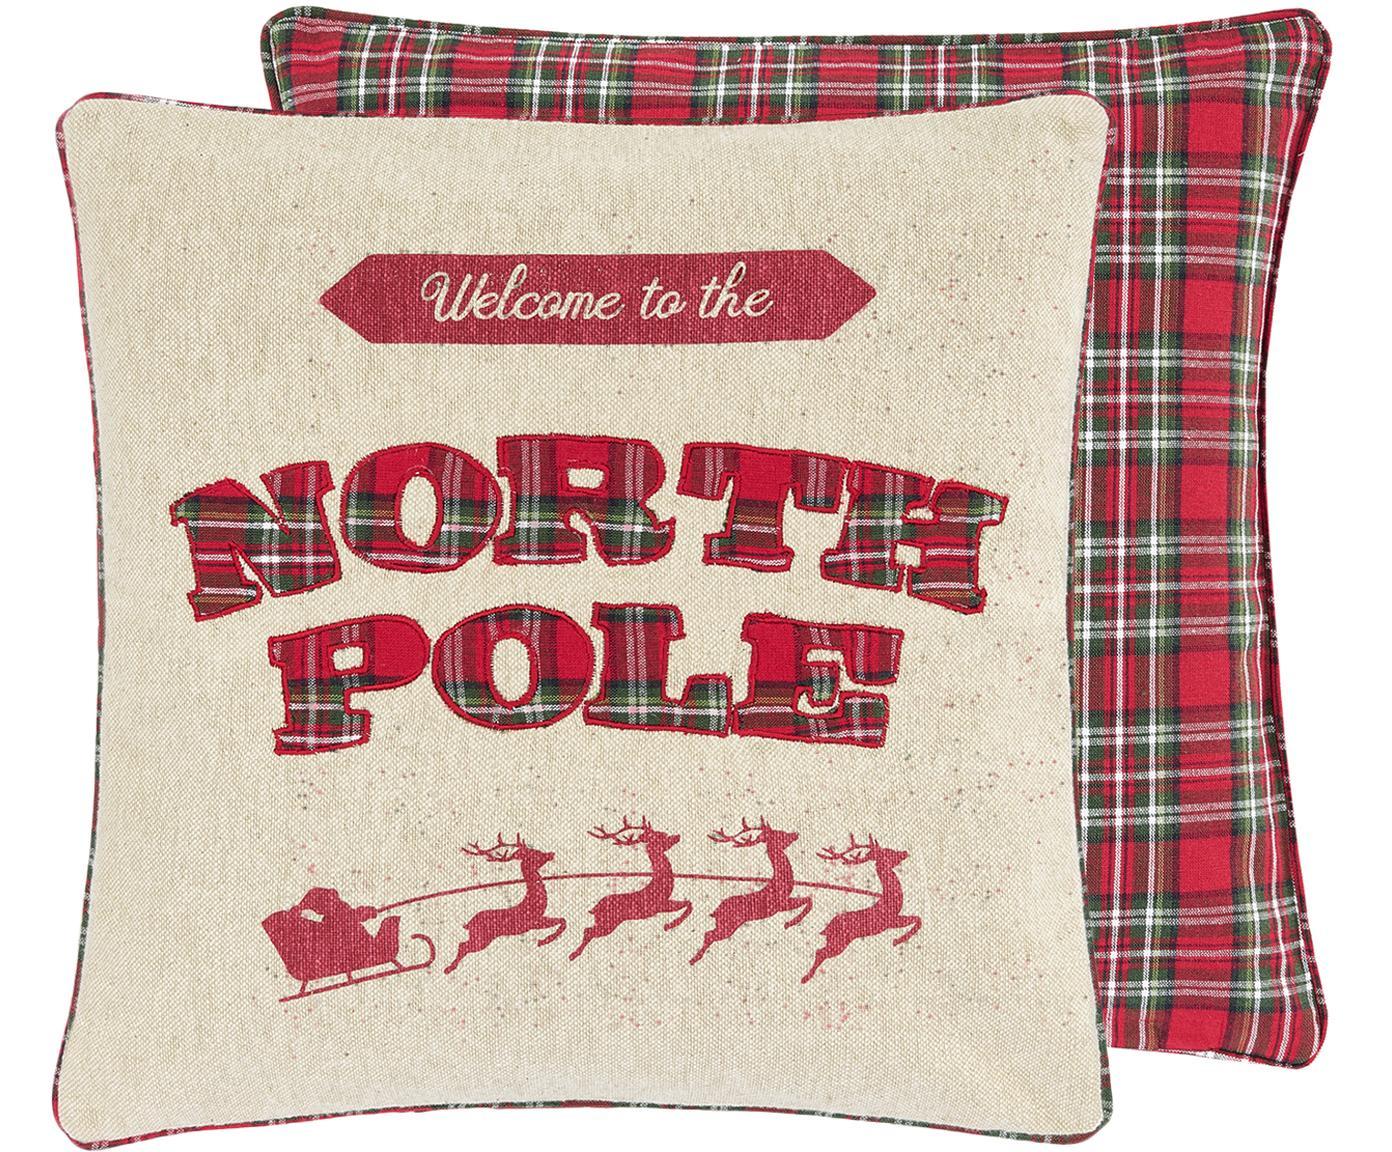 Kussenhoes North Pole, Katoen, Voorzijde: beige, rood, donkergroen. Achterzijde: rood, donkergroen geruit, 45 x 45 cm